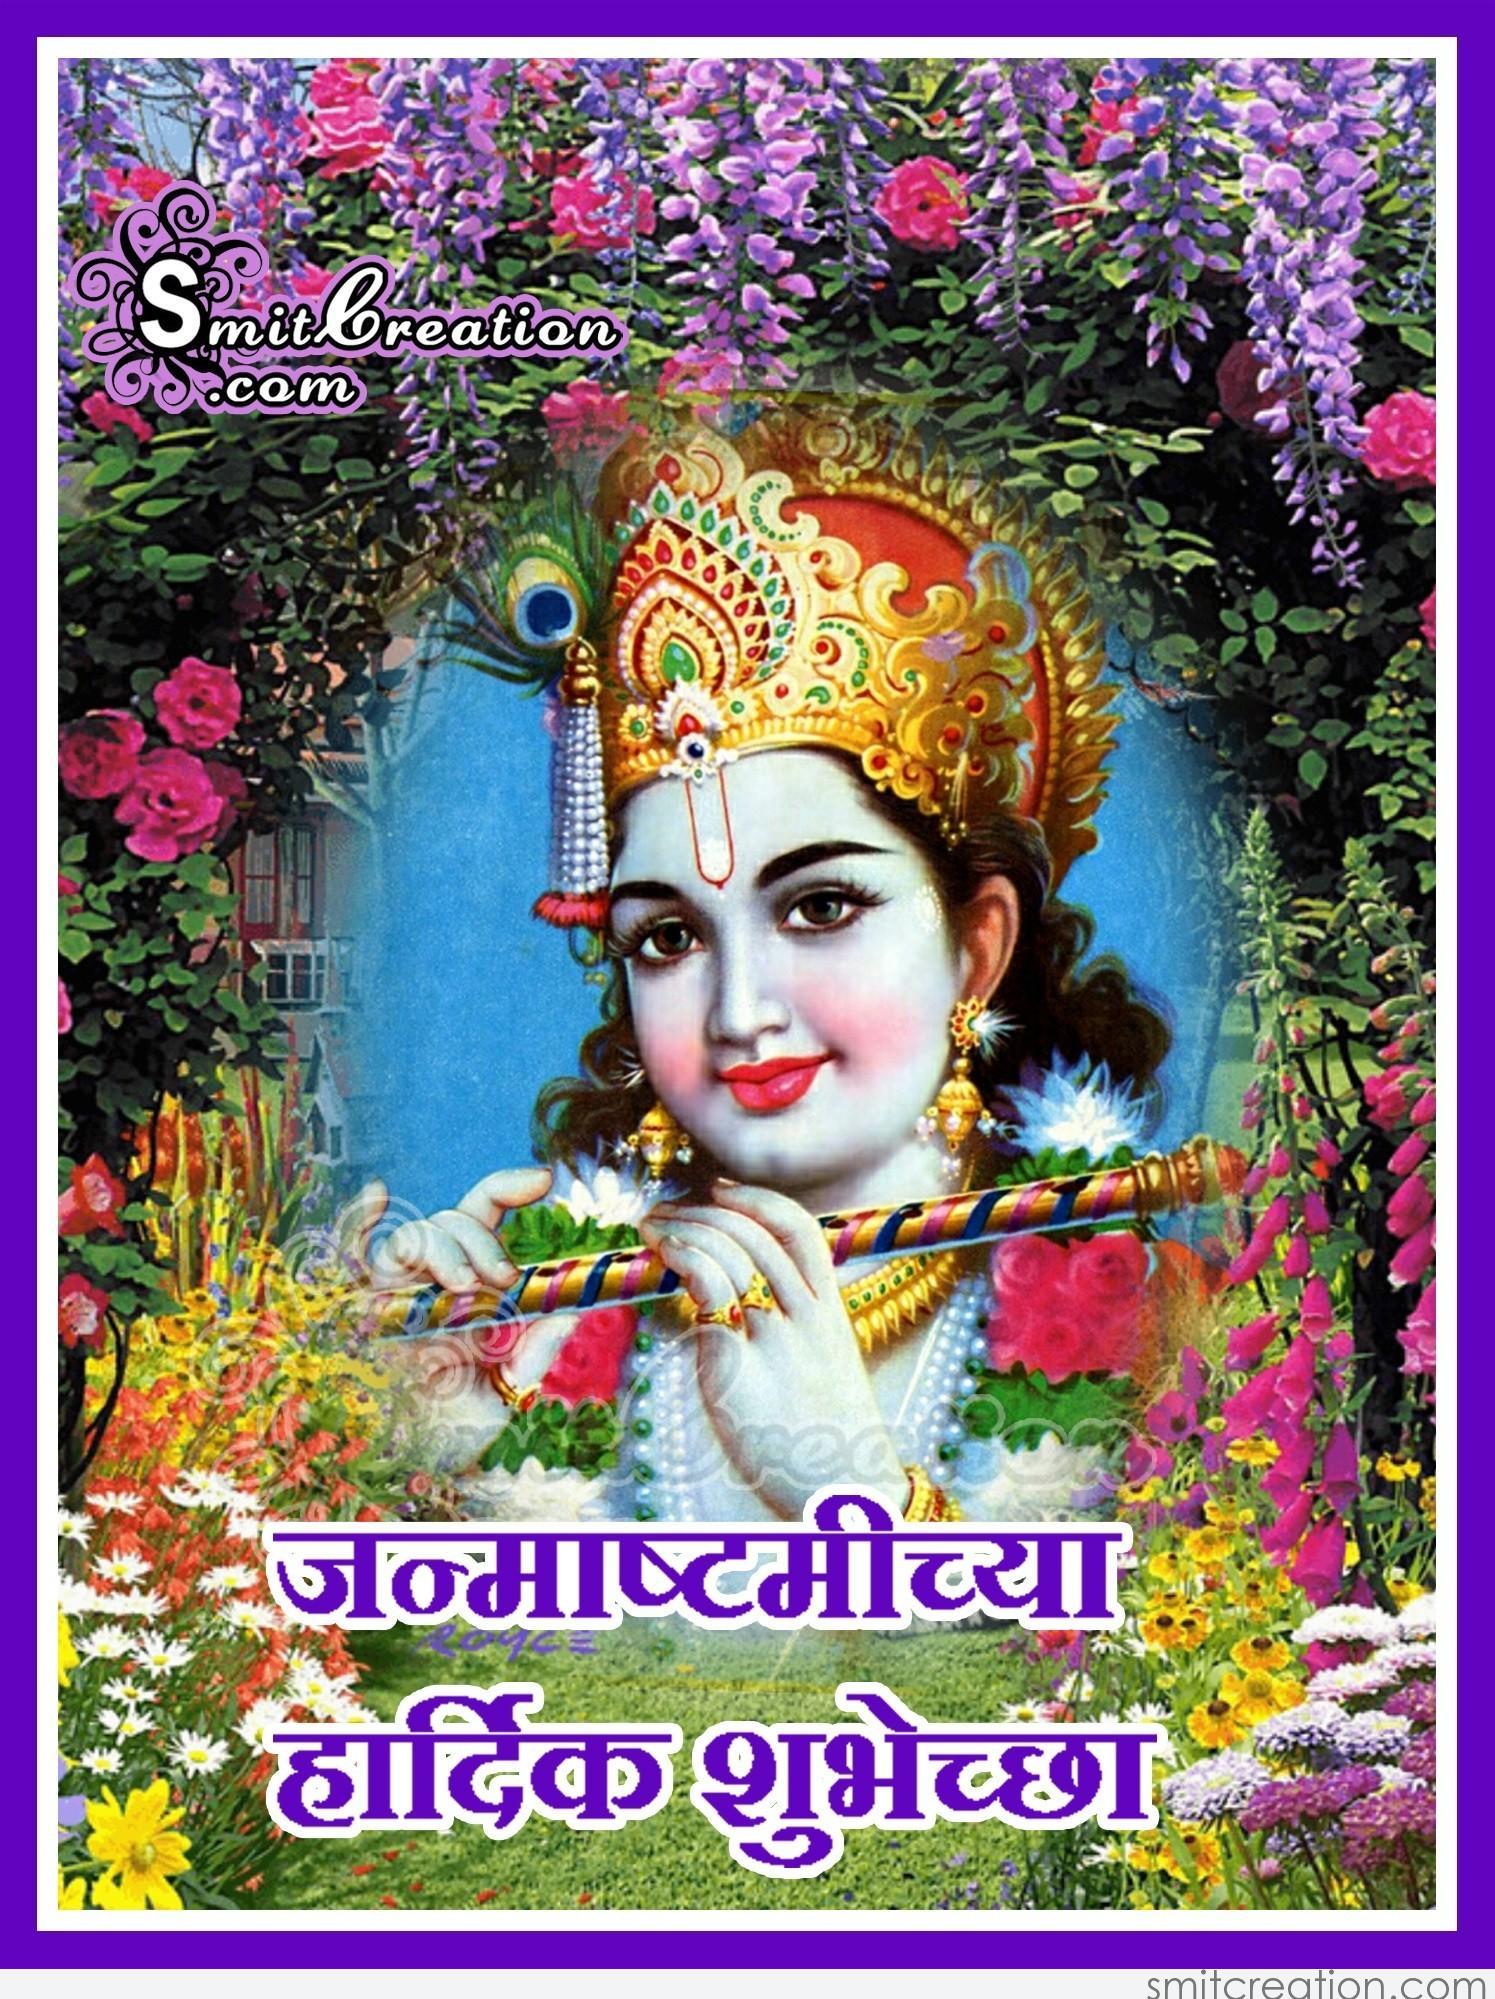 Janmashtmi Chya Hardik Shubhechha - SmitCreation.com Vadhdivas Chya Hardik Shubhechha